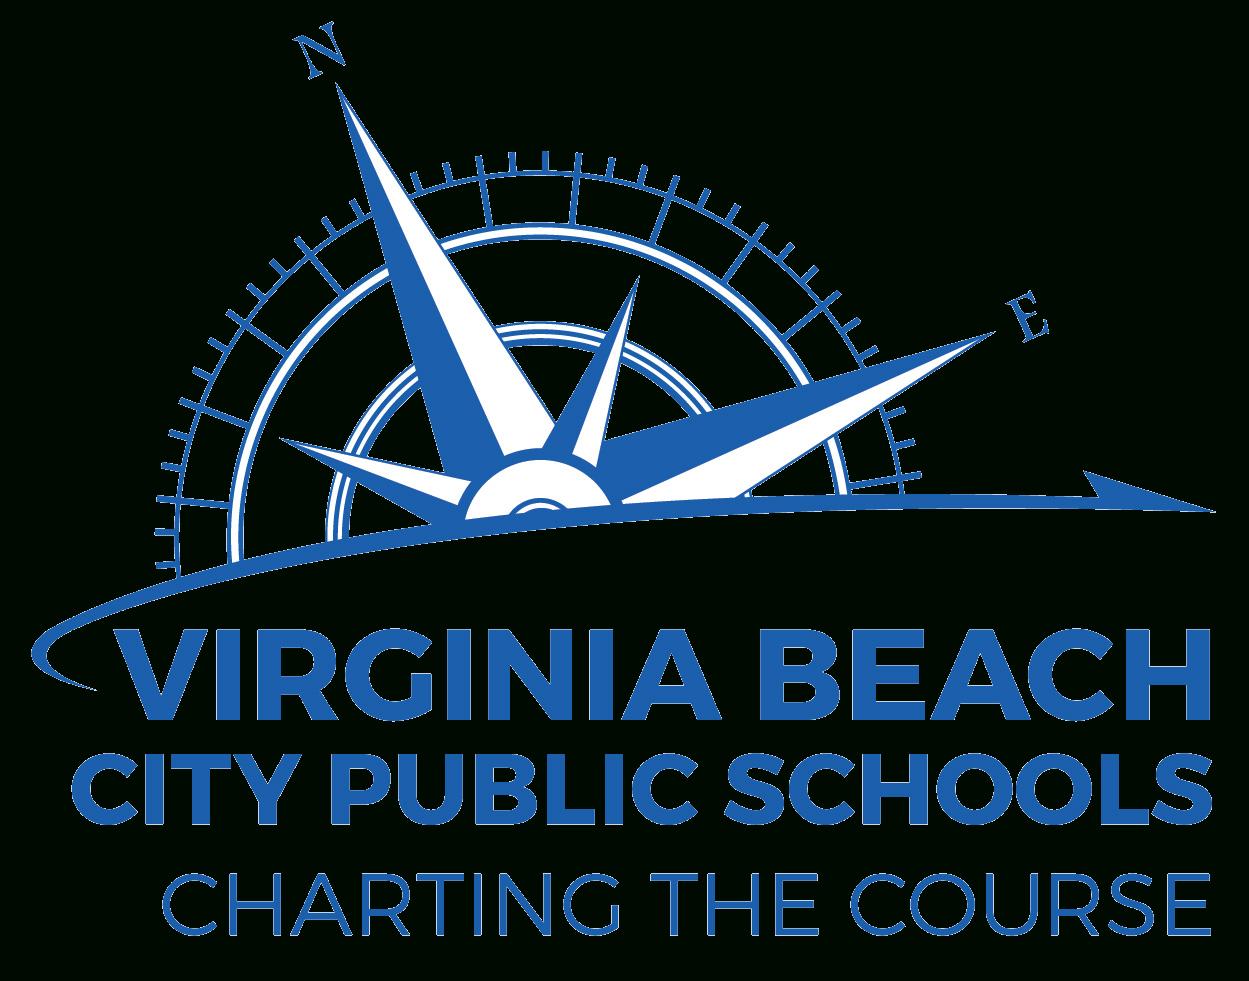 Home - Virginia Beach City Public Schools Throughout Virginia Beach City Public.schools Calendar